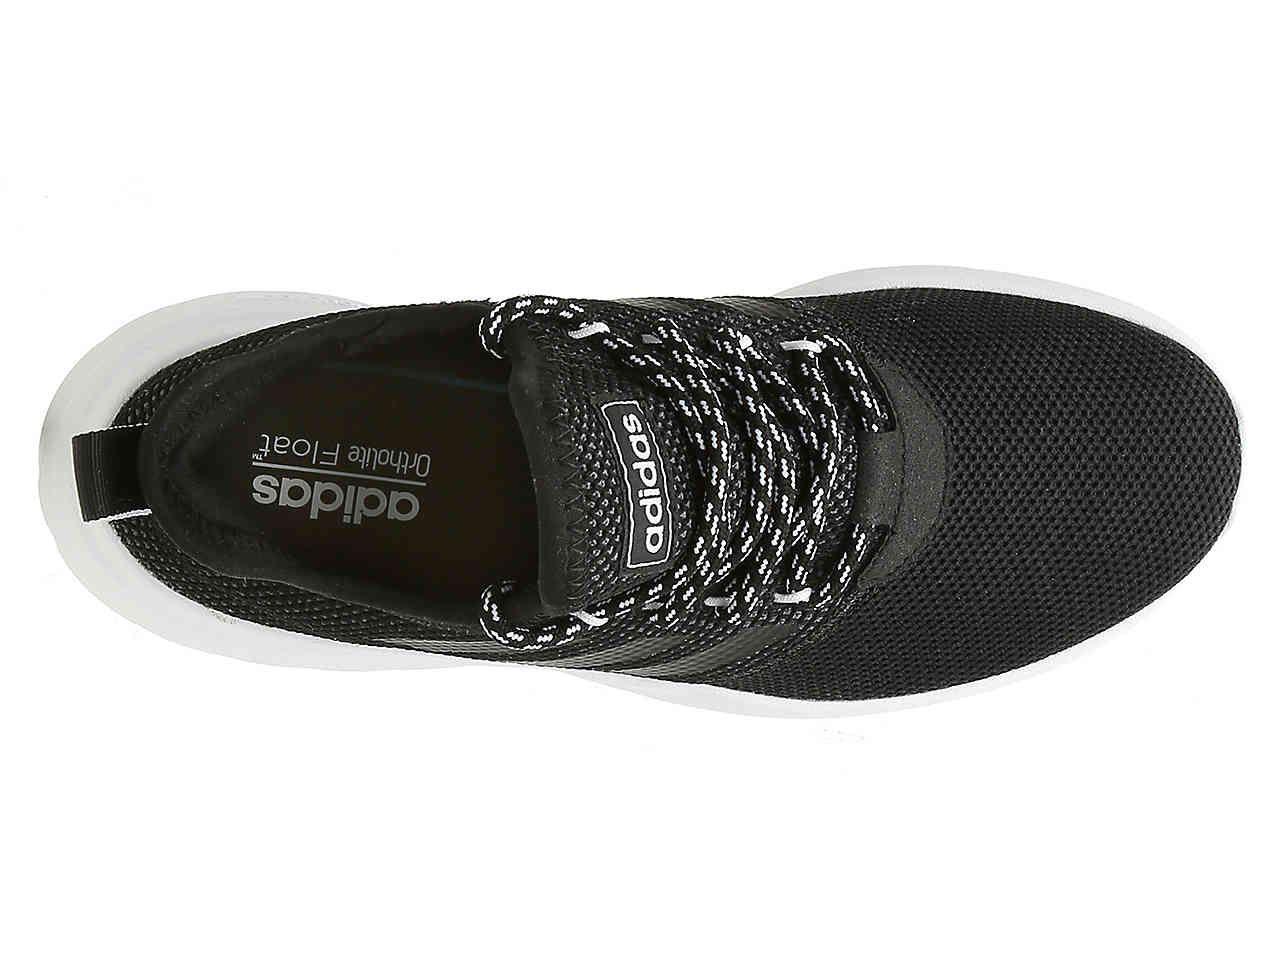 94b5520334995 adidas Lite Racer RBN Sneaker - Women's Women's Shoes | DSW ...